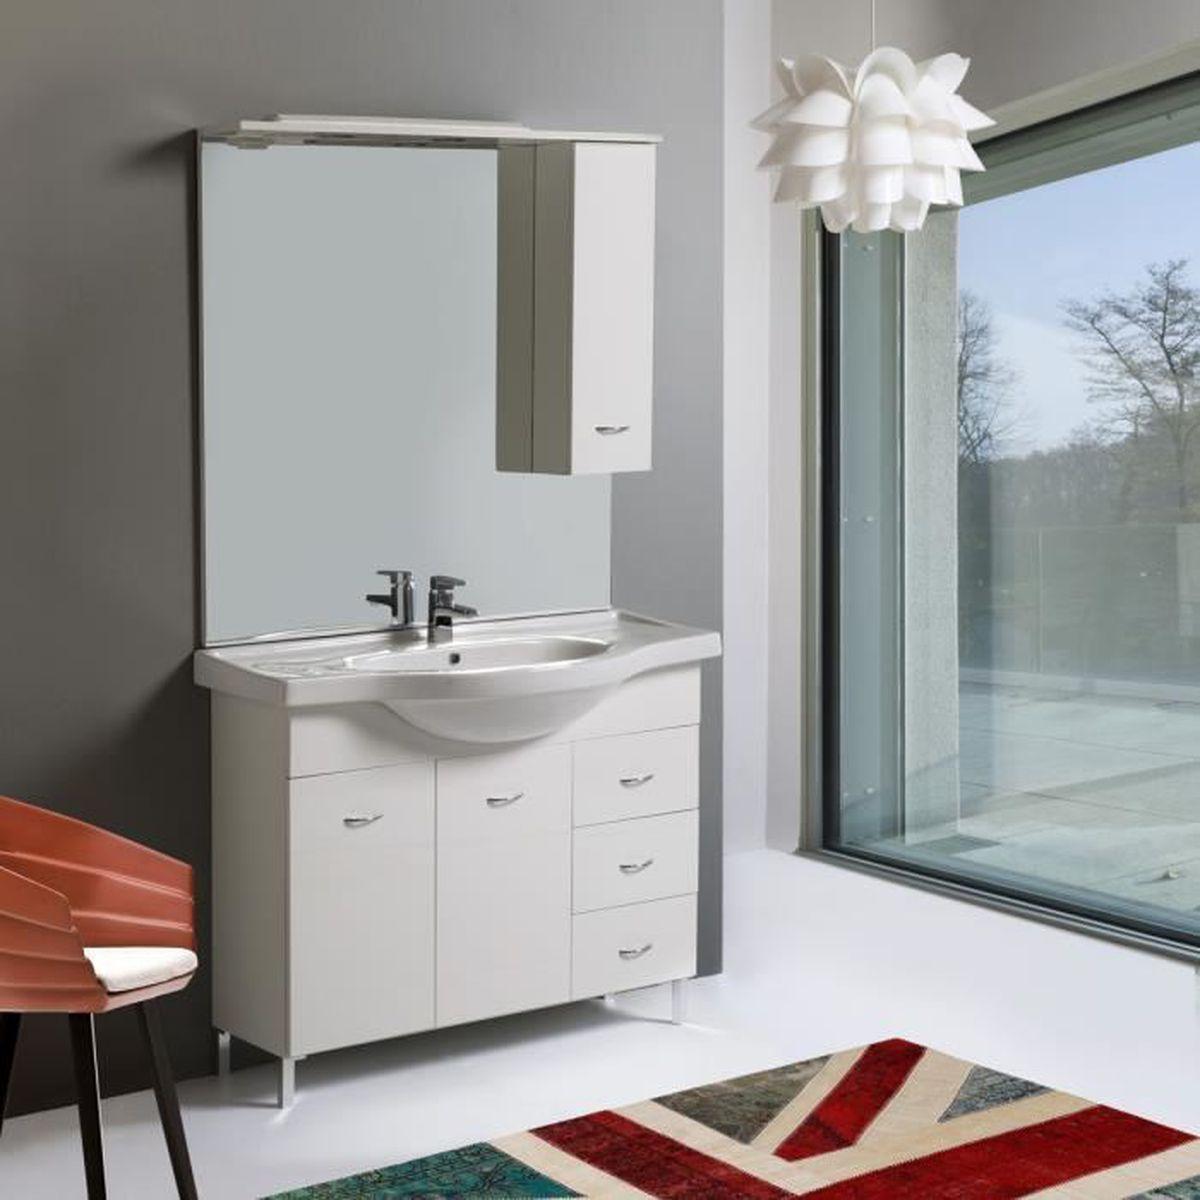 Meuble salle de bain 105 cm achat vente meuble salle for Ou trouver meuble salle de bain